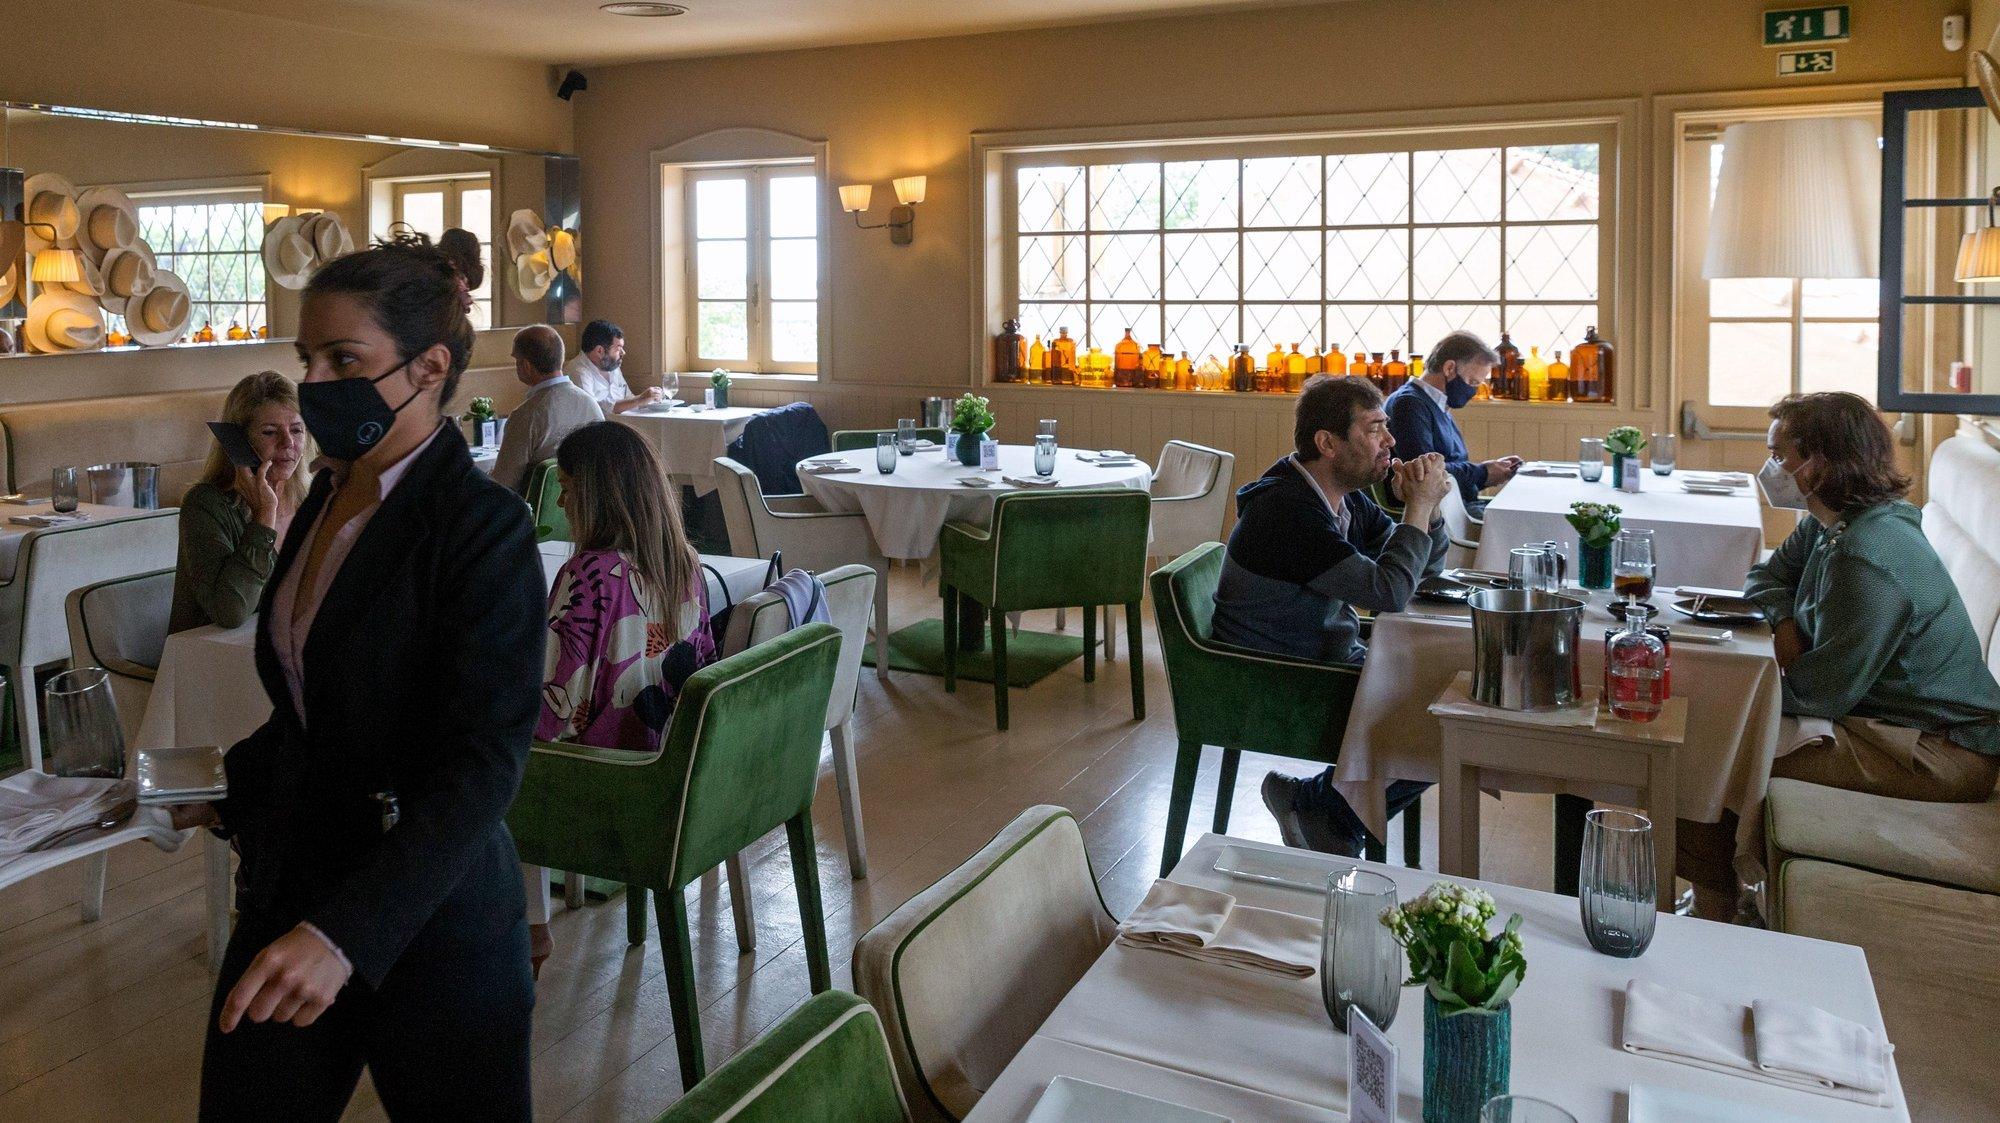 Clientes almoçam no interior do restaurante 'Wish', no dia em que entram em vigor novas medidas de desconfinamento, no Porto, 19 de abril de 2021. Passa a ser autorizada a abertura de restaurantes, cafés e pastelarias, mas com a restrição de lotação máxima a quatro pessoas ou seis pessoas em esplanadas e com horário até às 22:00 horas ou às 13:00 ao fim de semana. JOSÉ COELHO/LUSA